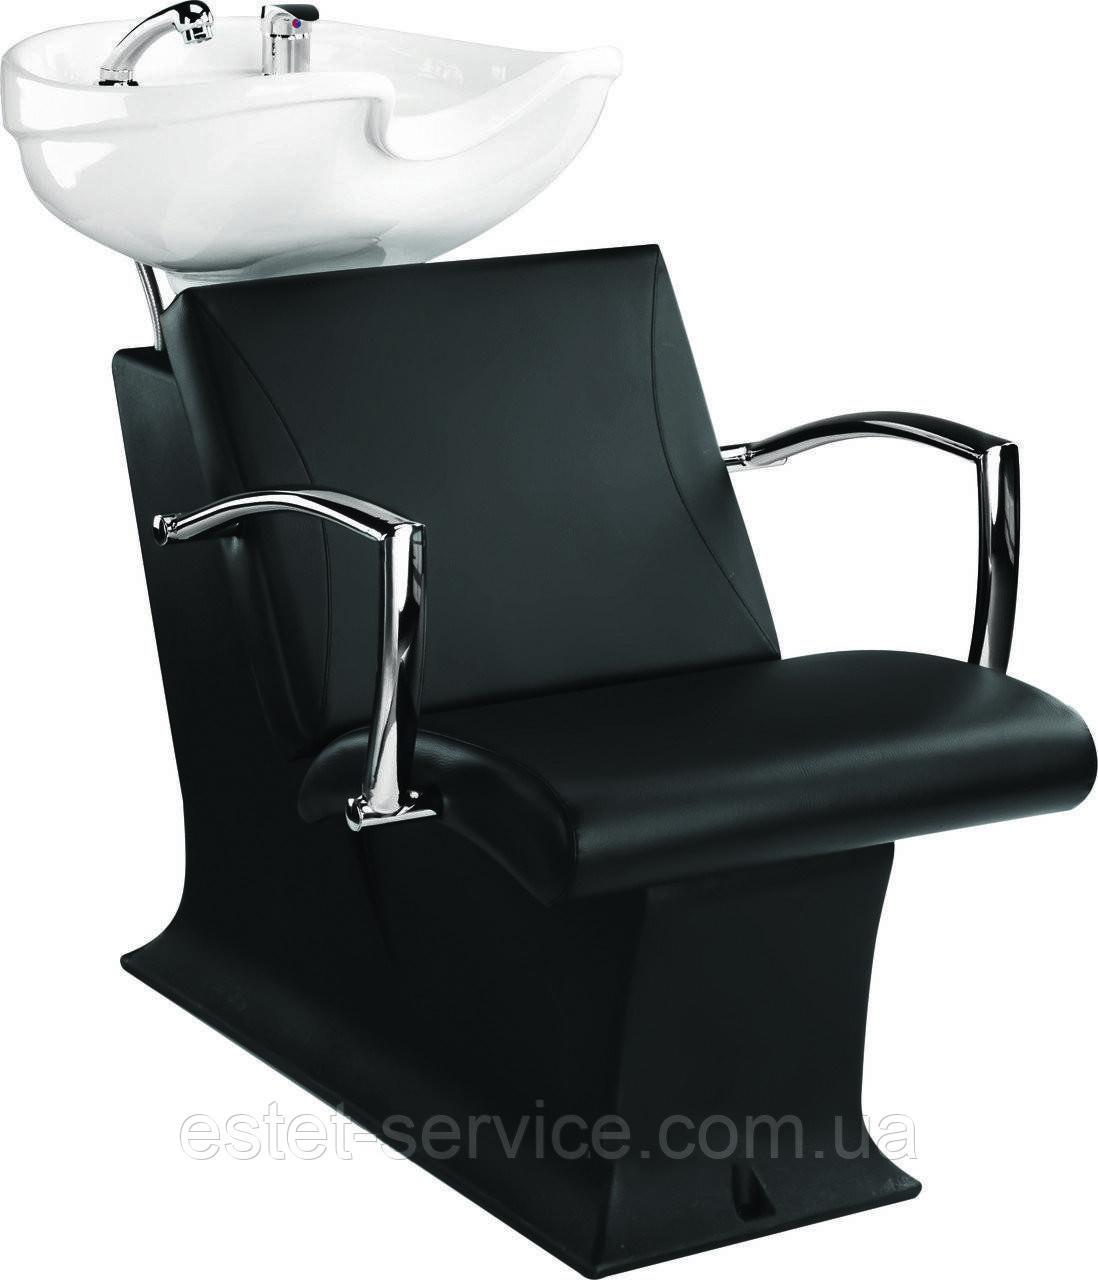 Мойка черная пластиковая ЛЕДИ с креслом КАРМЕН с белой керамикой Гарсон